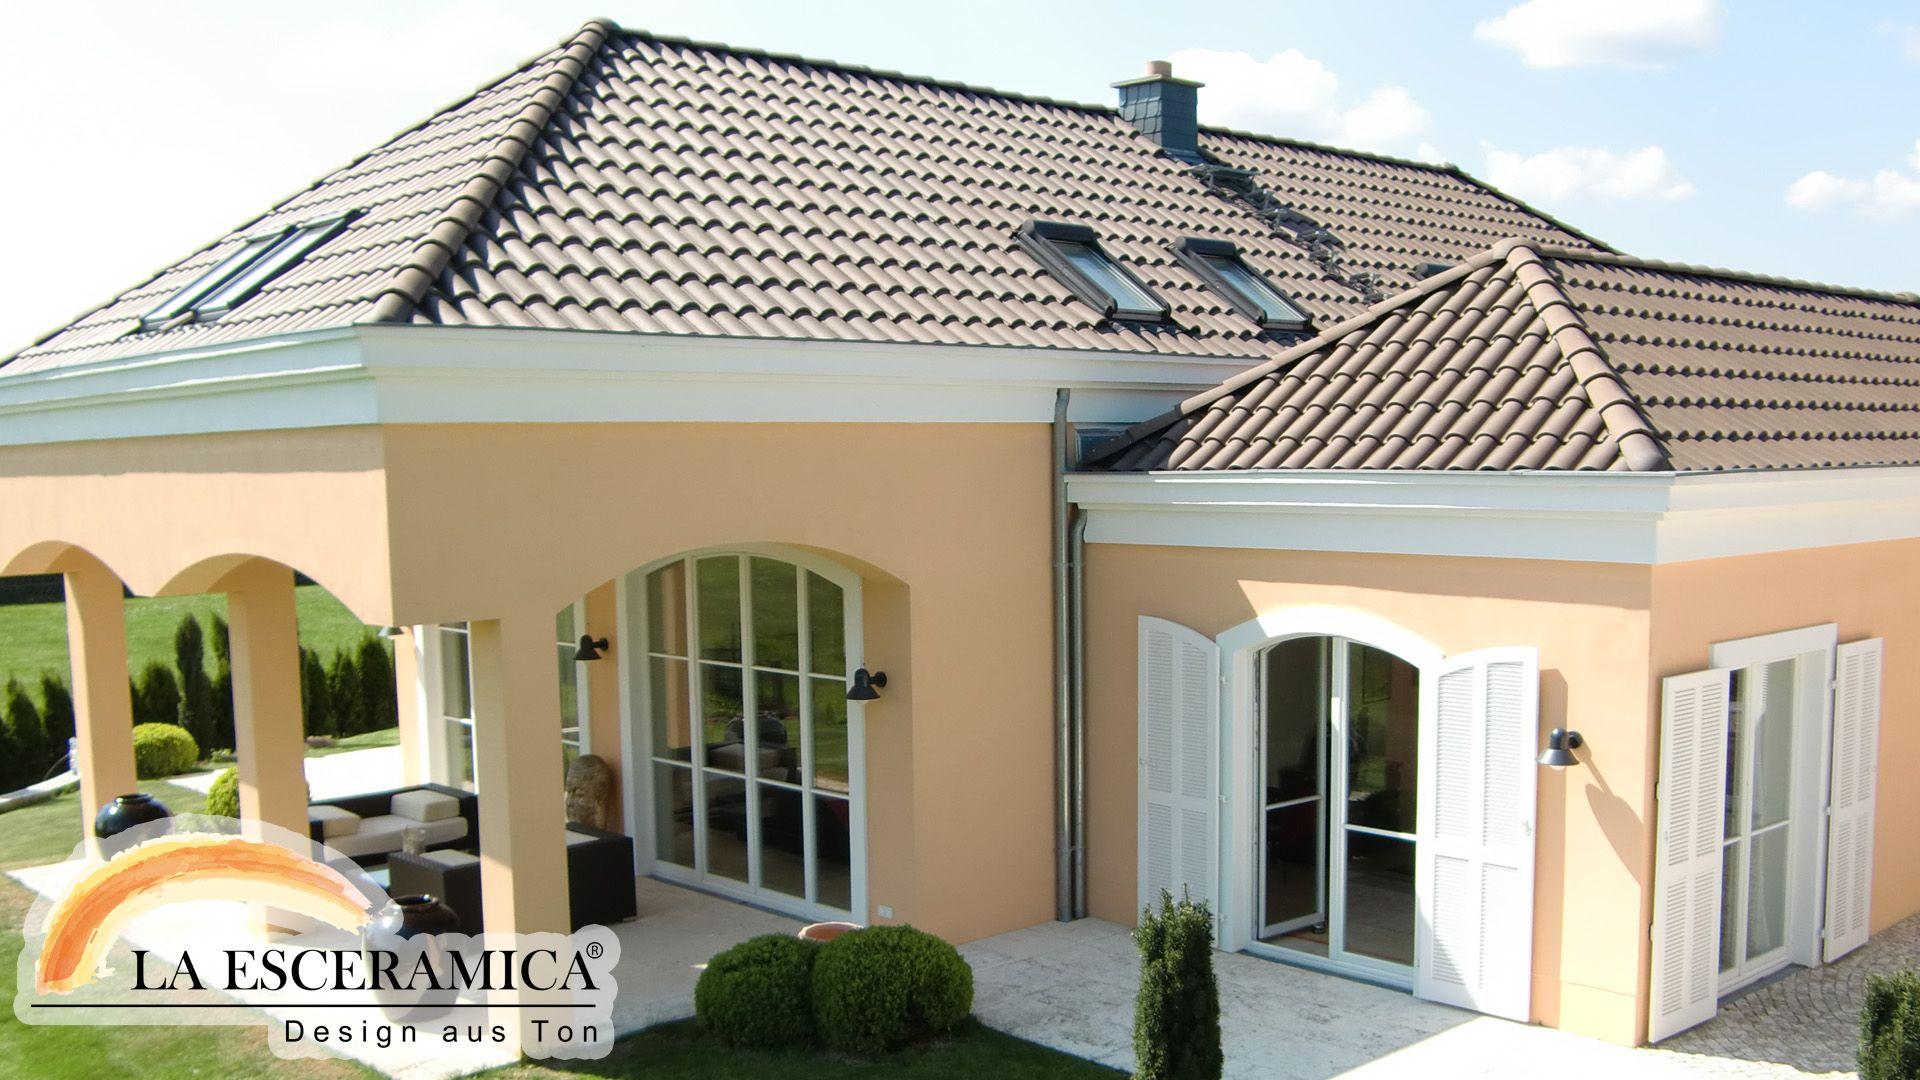 Luxus Fassadenfarbe Beispiele Gestaltung Ideen